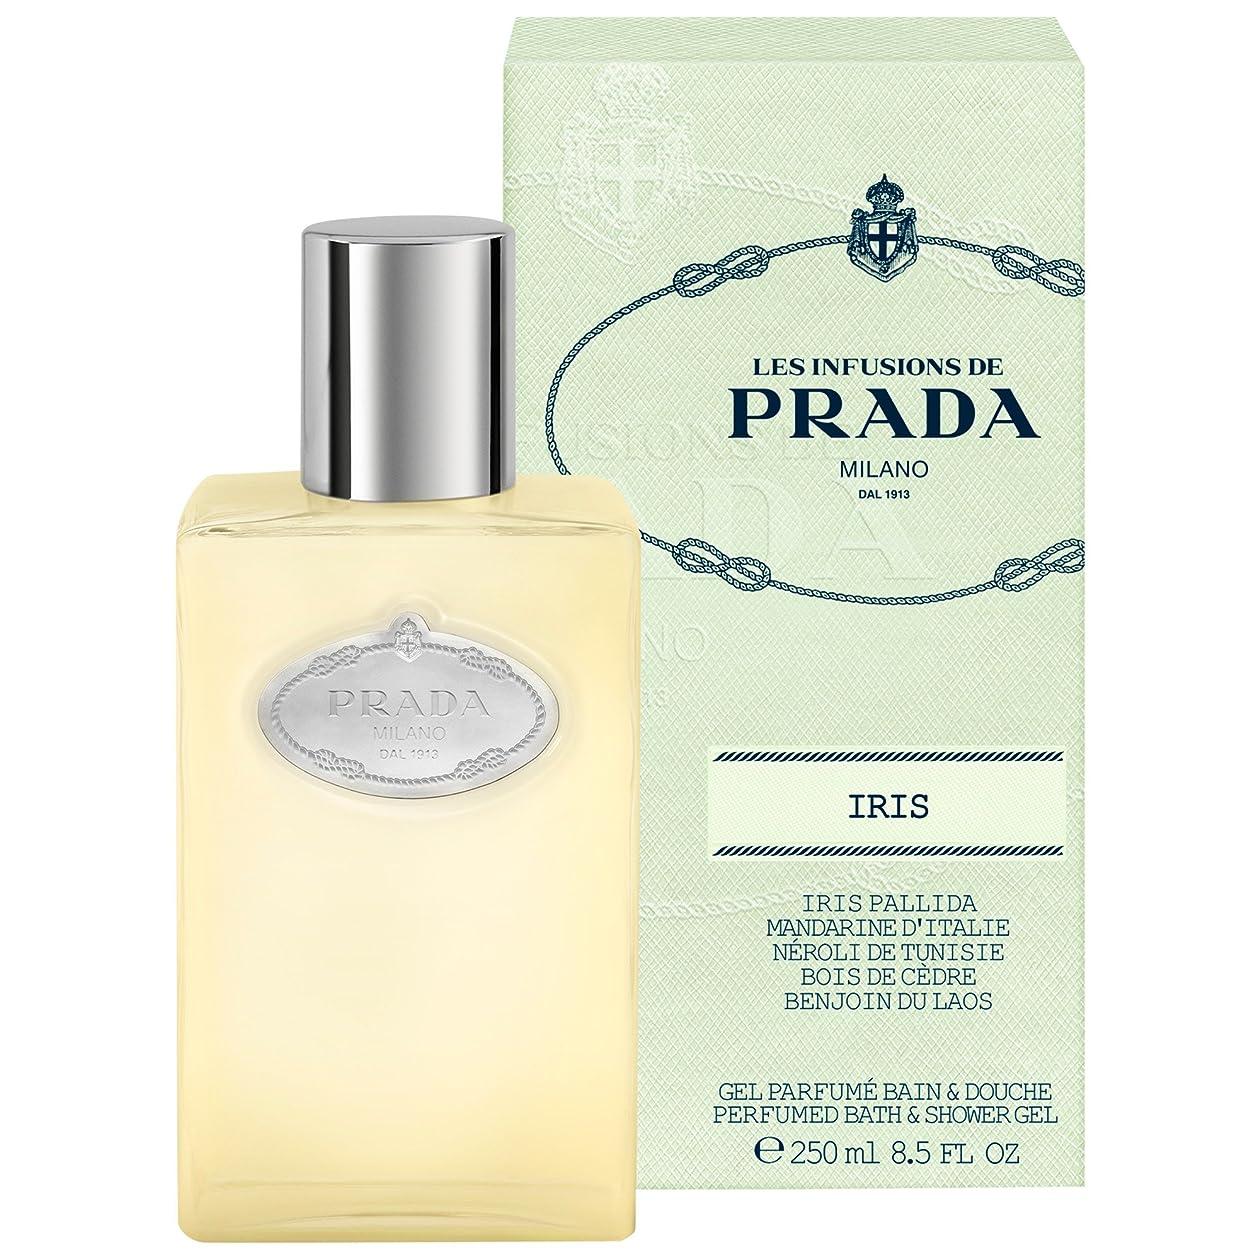 抹消排泄するブルゴーニュプラダアイリスシャワージェル250ミリリットル (Prada) (x2) - Prada Iris Shower Gel 250ml (Pack of 2) [並行輸入品]